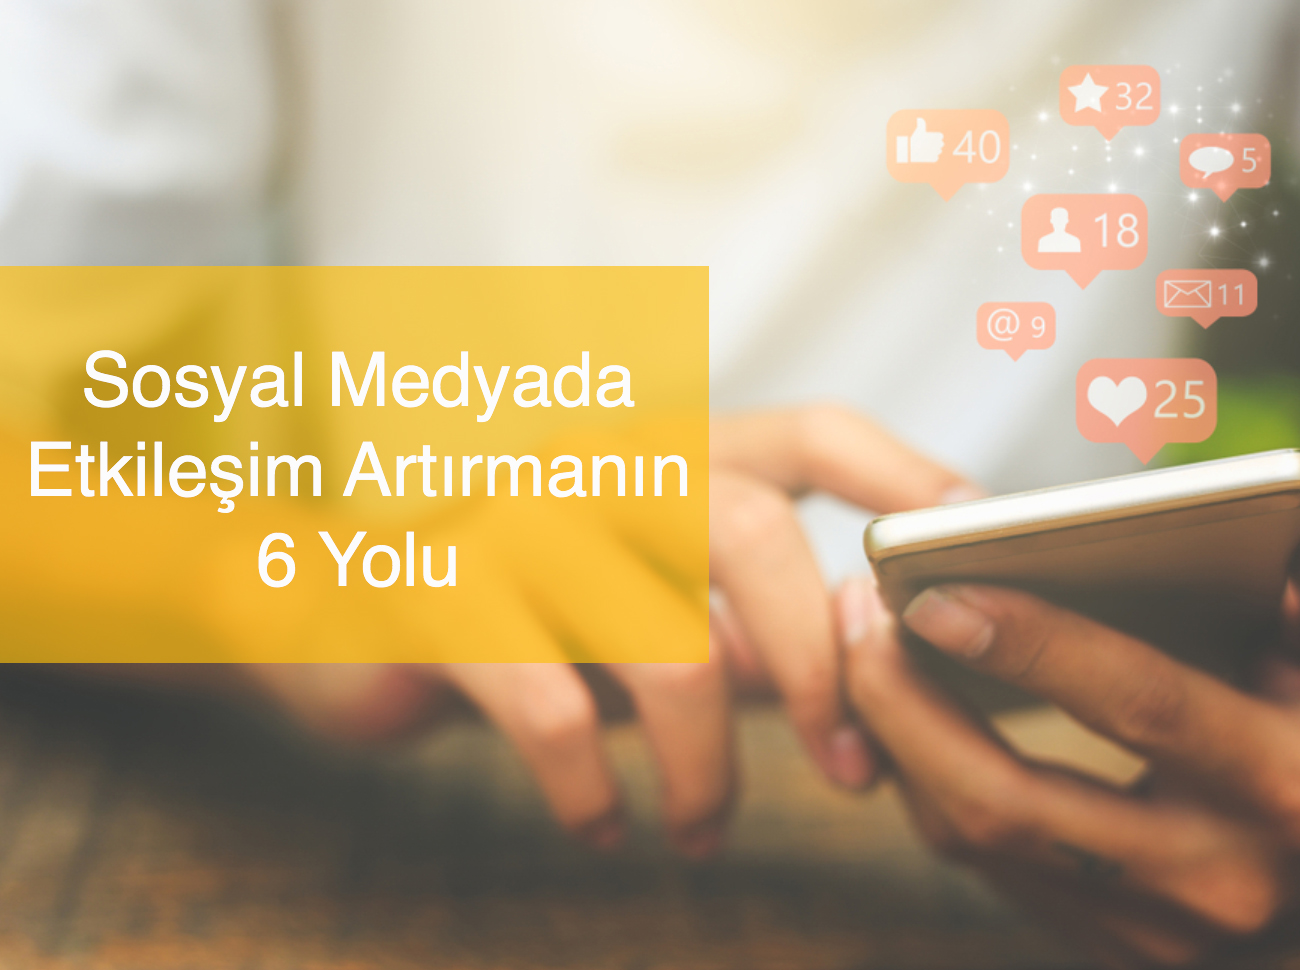 Sosyal Medyada Etkileşim Artırmanın 6 Yolu